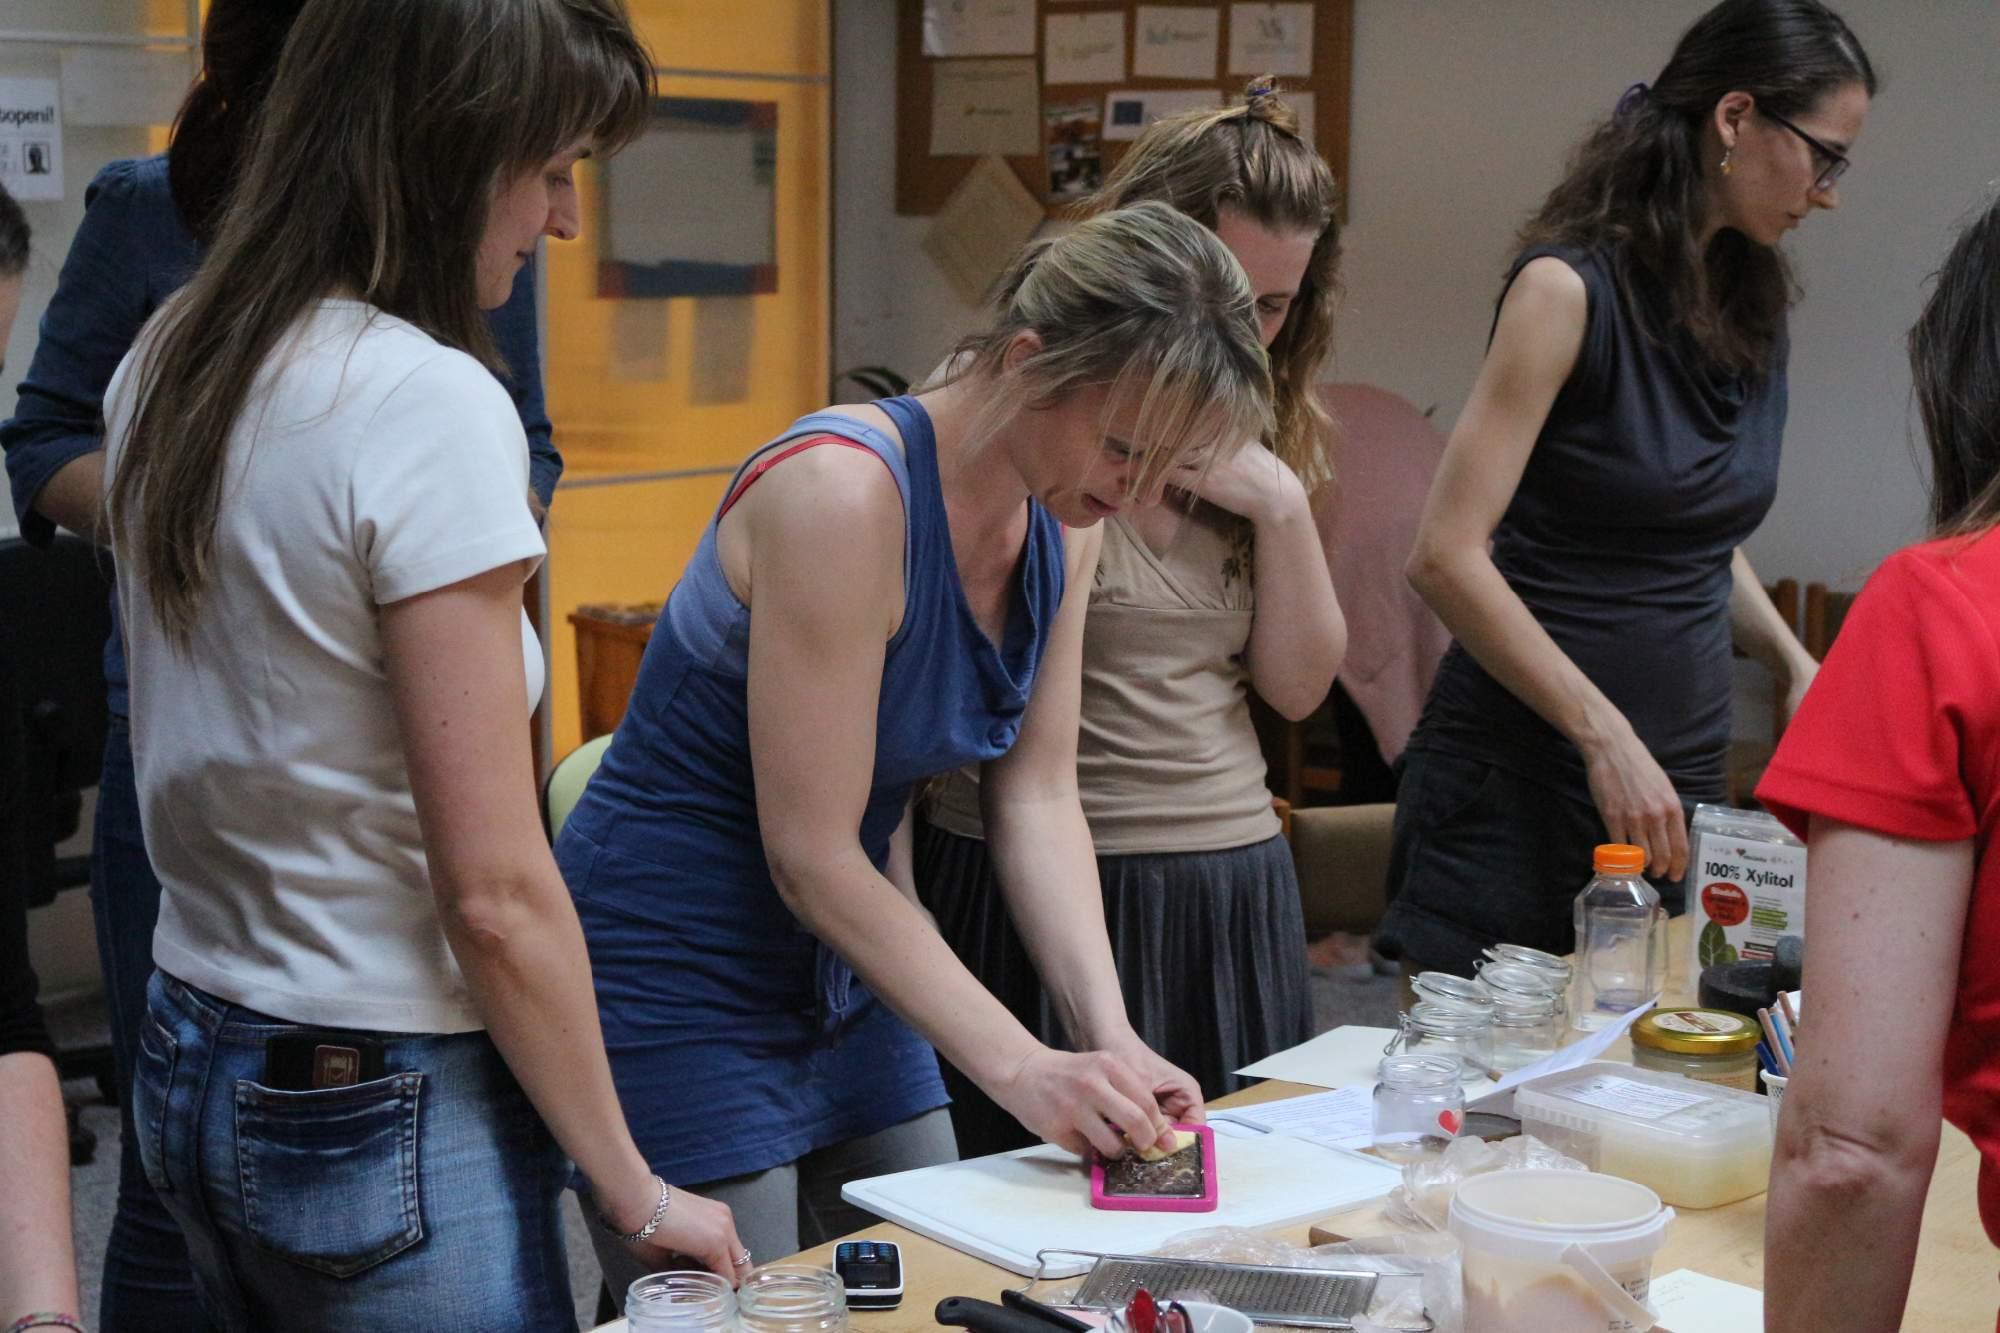 Druhá skupina si vyrobila domáci tuhý dezodorant, ktorý sa v lete nerozpúšťa. Vyrába sa z dvoch lyžíc kokosového oleja, dvoch lyžíc sódy, kukuričného škrobu, kakaového masla a jednej až dvoch lyžíc včelieho vosku. Na začiatku výroby si účastníčky museli nastrúhať včelí vosk. Foto: Simona Gálová